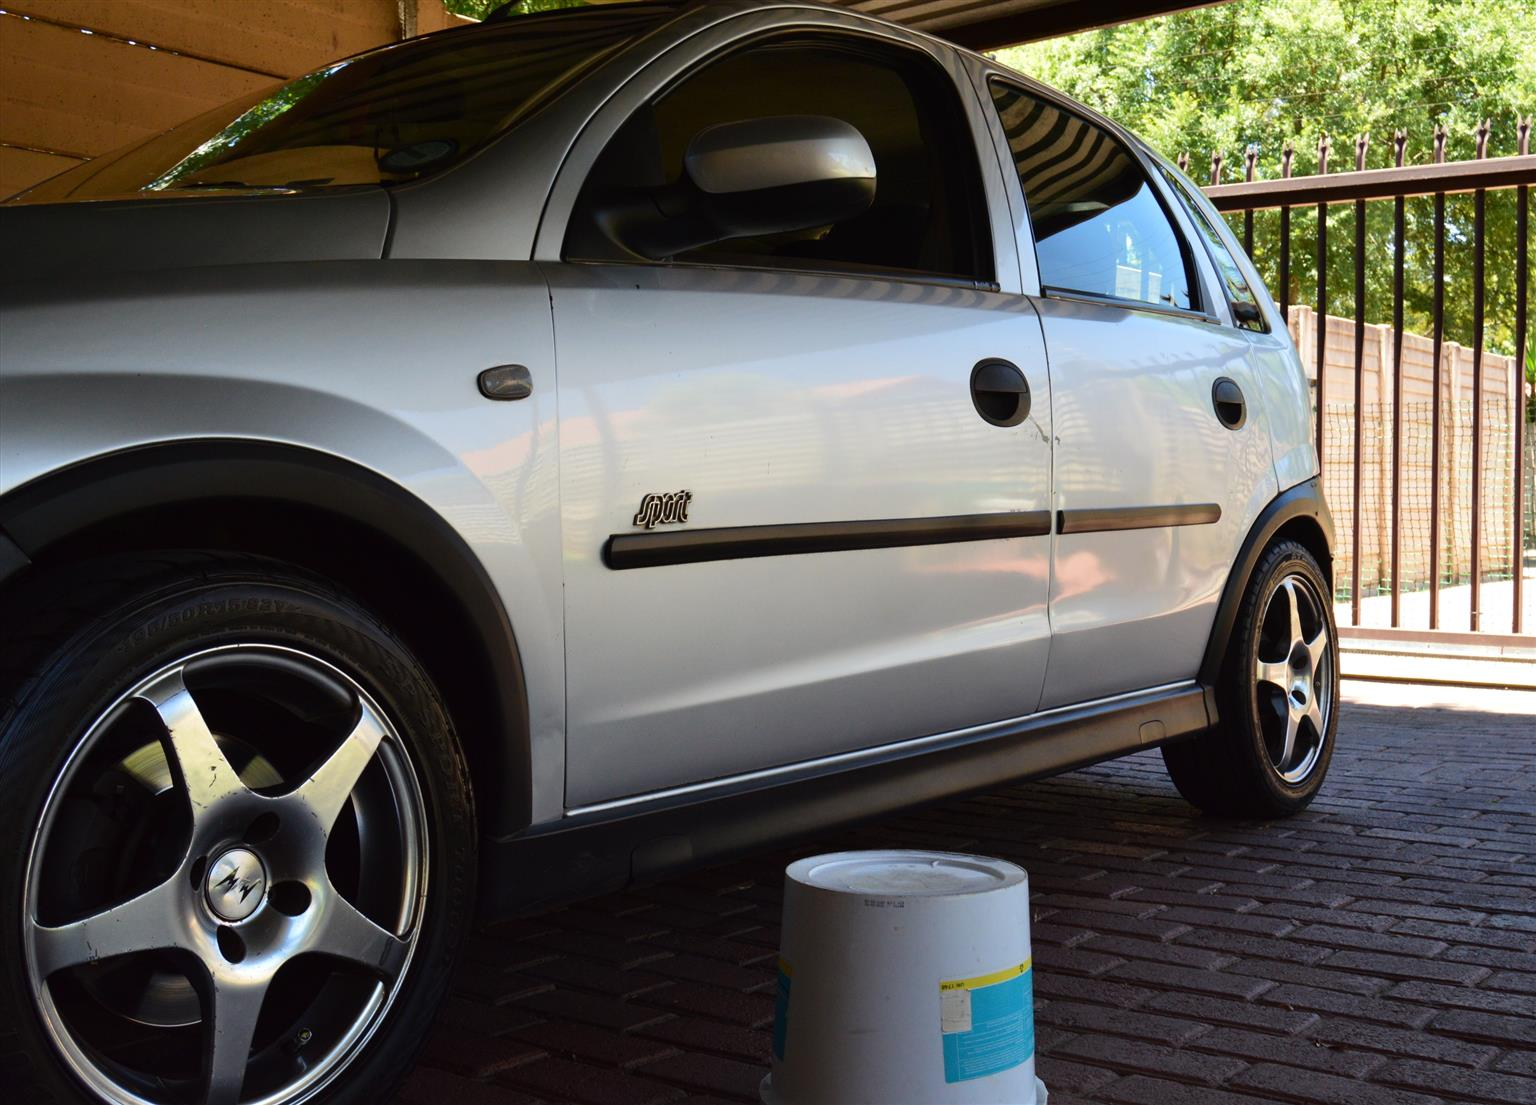 Opel Corsa hatch 5-door